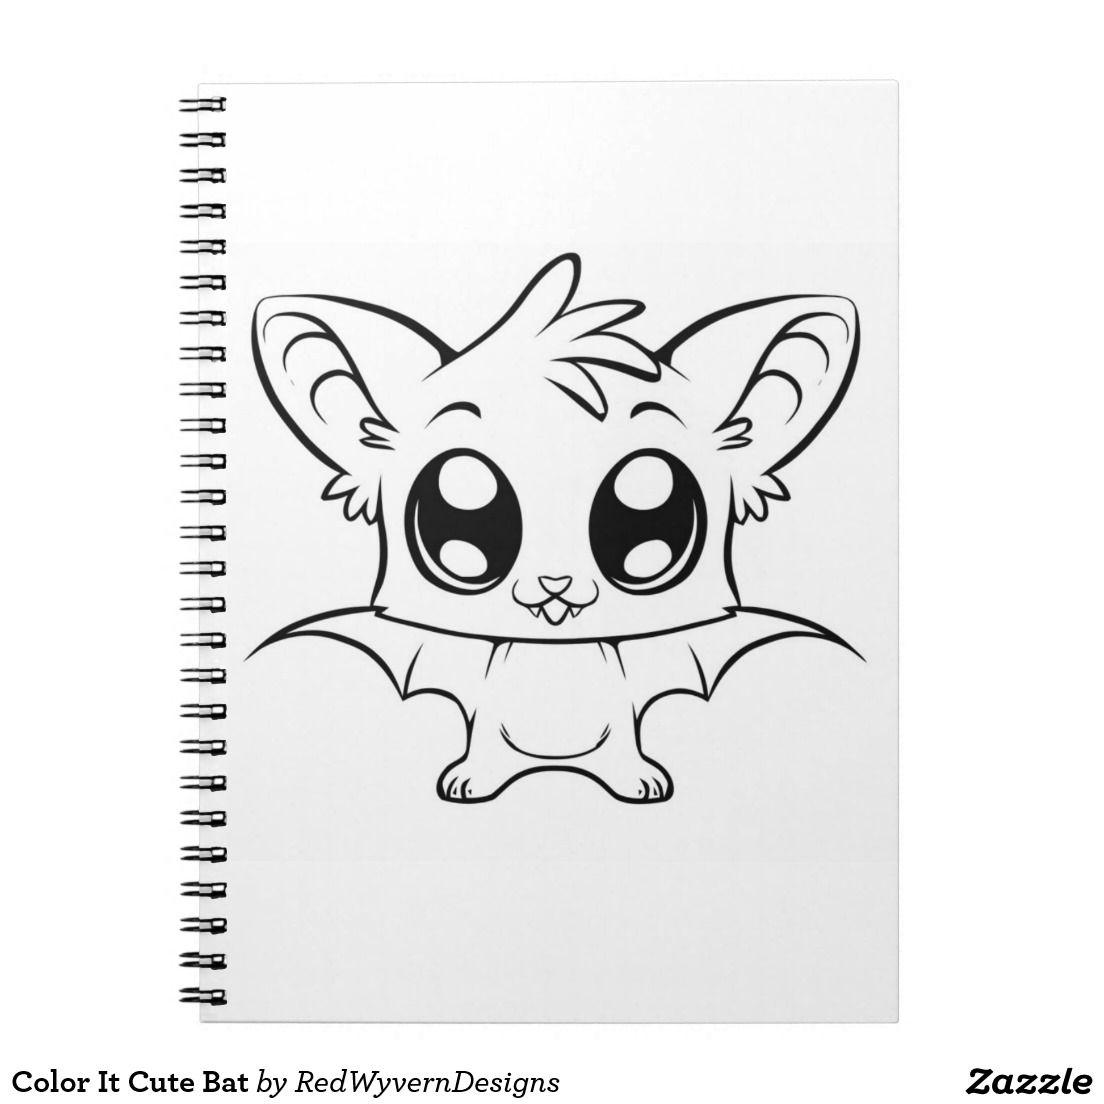 Color It Cute Bat Notebook Zazzle Com Cute Coloring Pages Bat